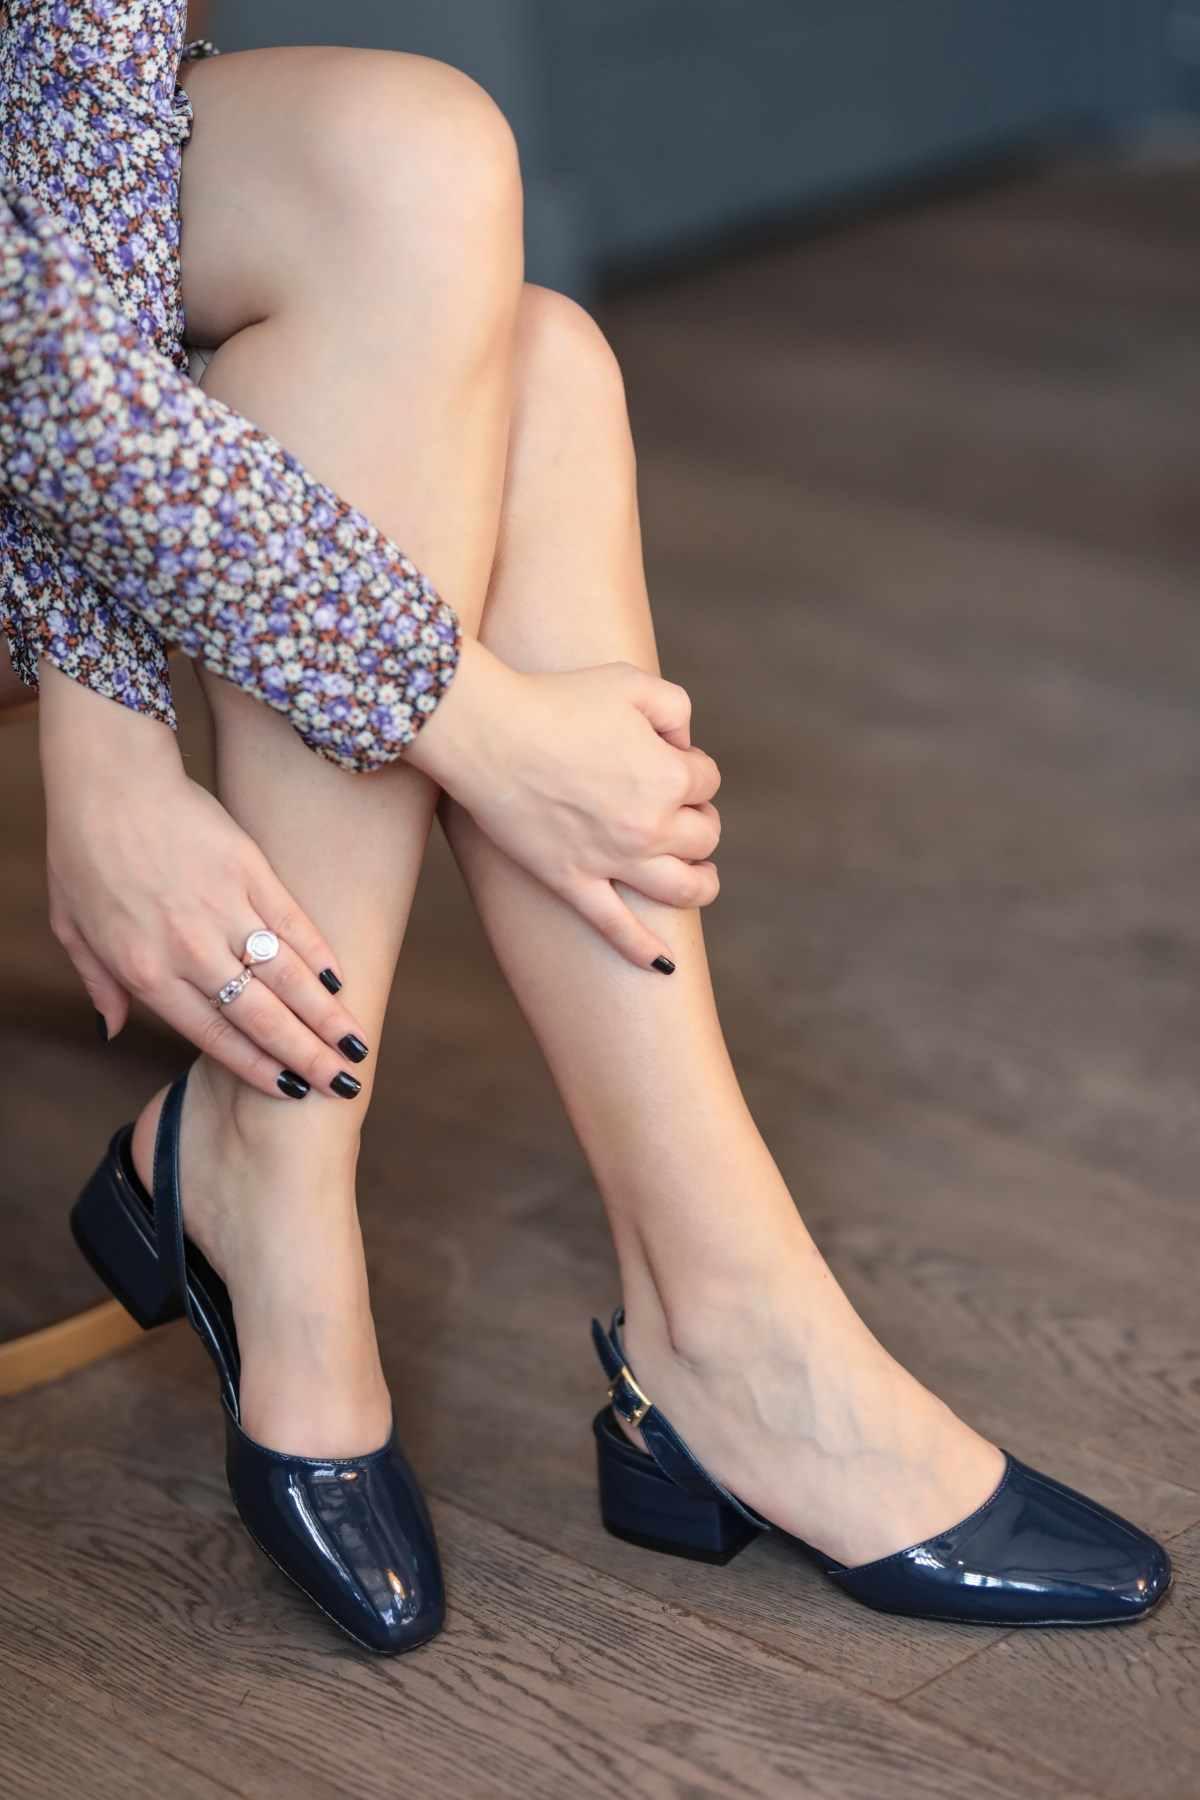 Hào Quang Hải Quân Xanh Dương Bằng Sáng Chế Da Gót Giày Cao Gót Nữ Công Sở Cưới Giày Gót Vuông Cổ Điển 2020 Thời Trang Mới